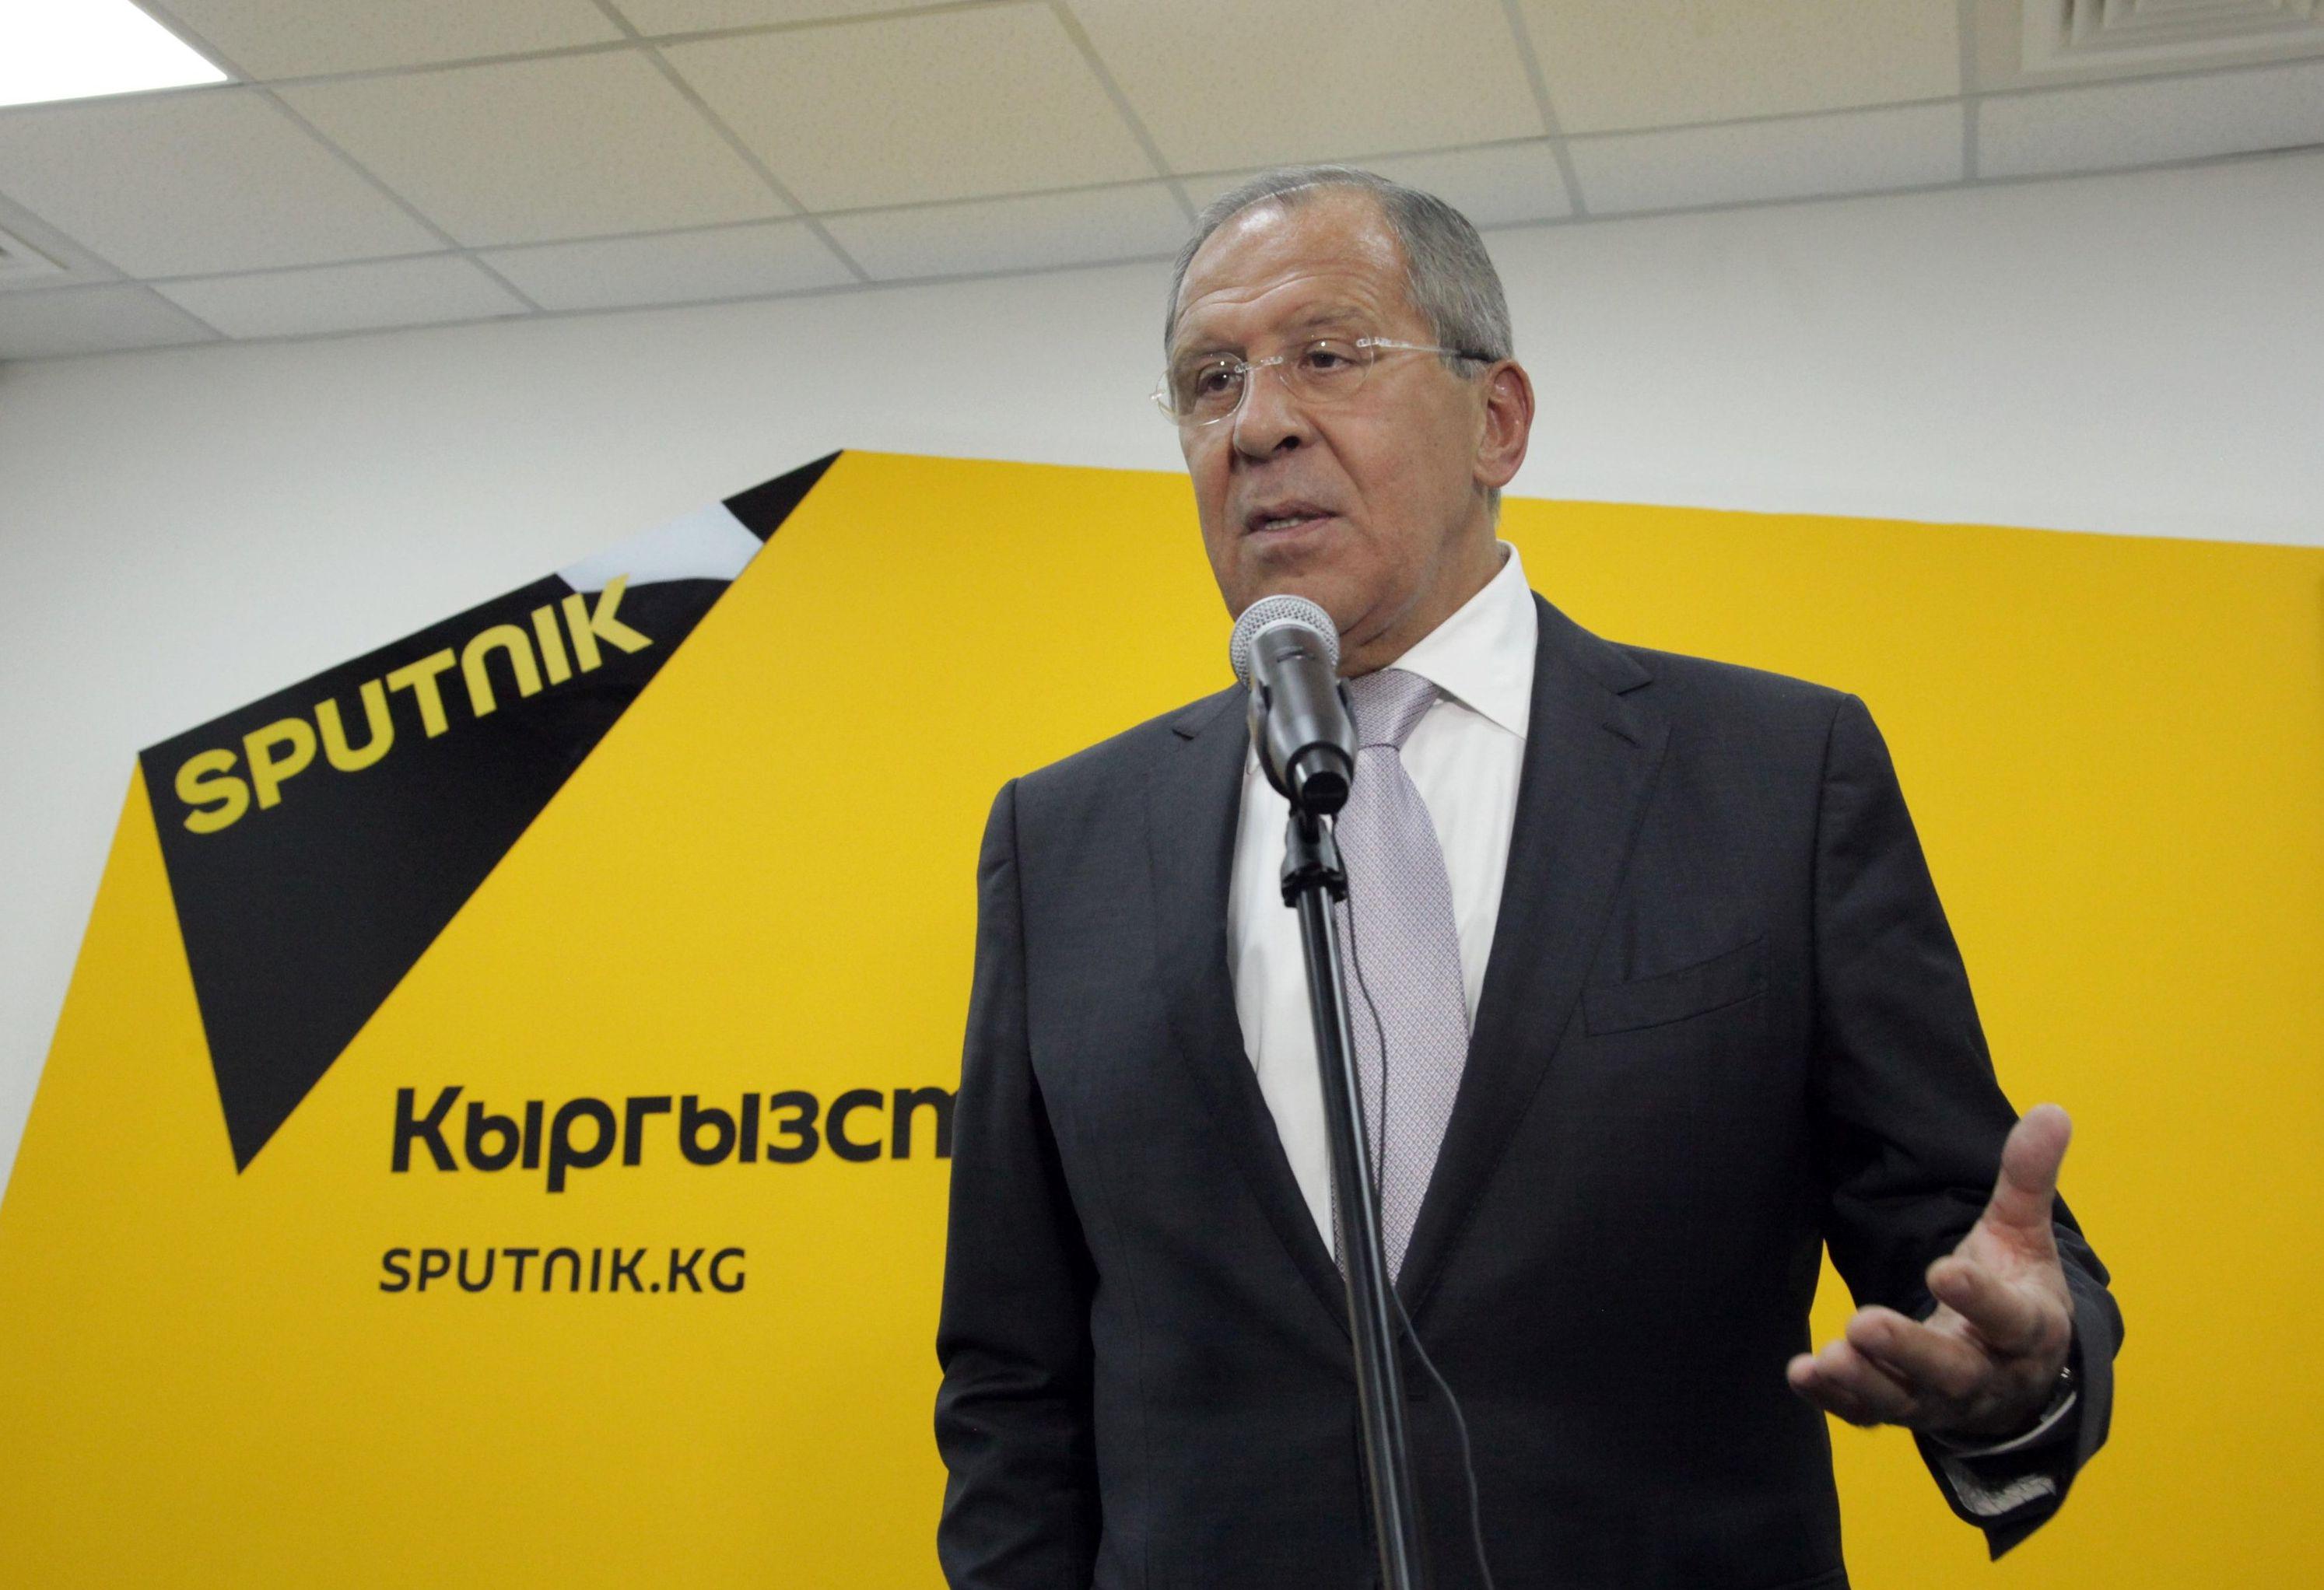 Глава МИД РФ С. Лавров принял участие в церемонии открытия редакционного центра Sputnik Кыргызстан в Бишкеке